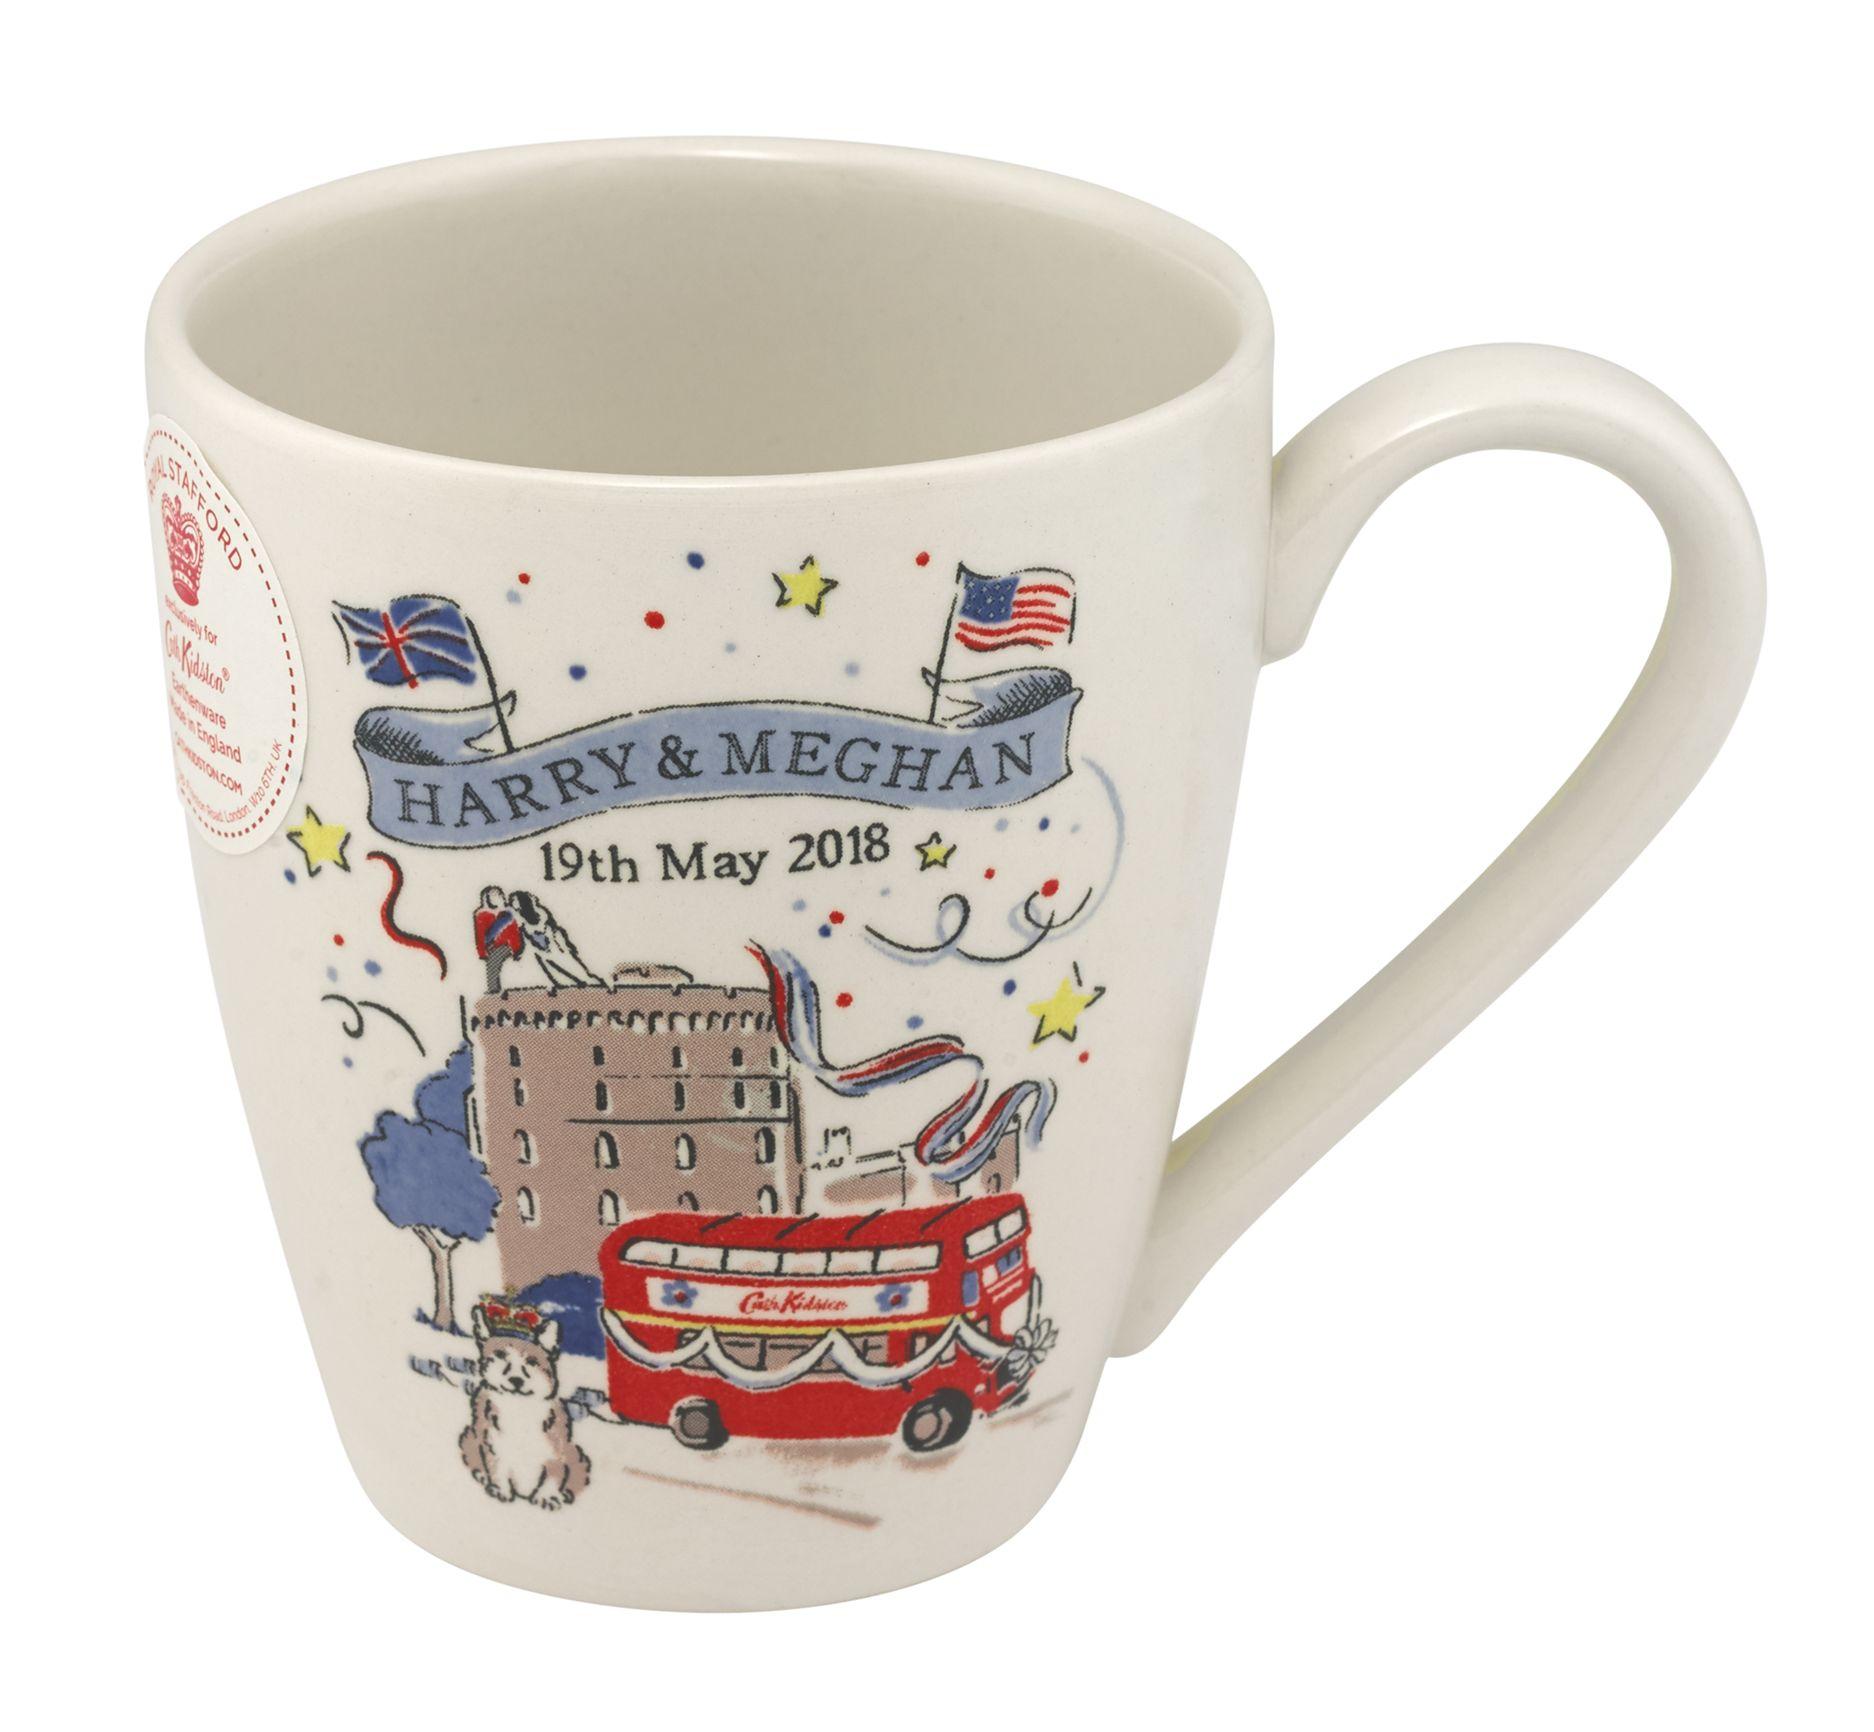 Cath Kidston's royal wedding collection. Mug,